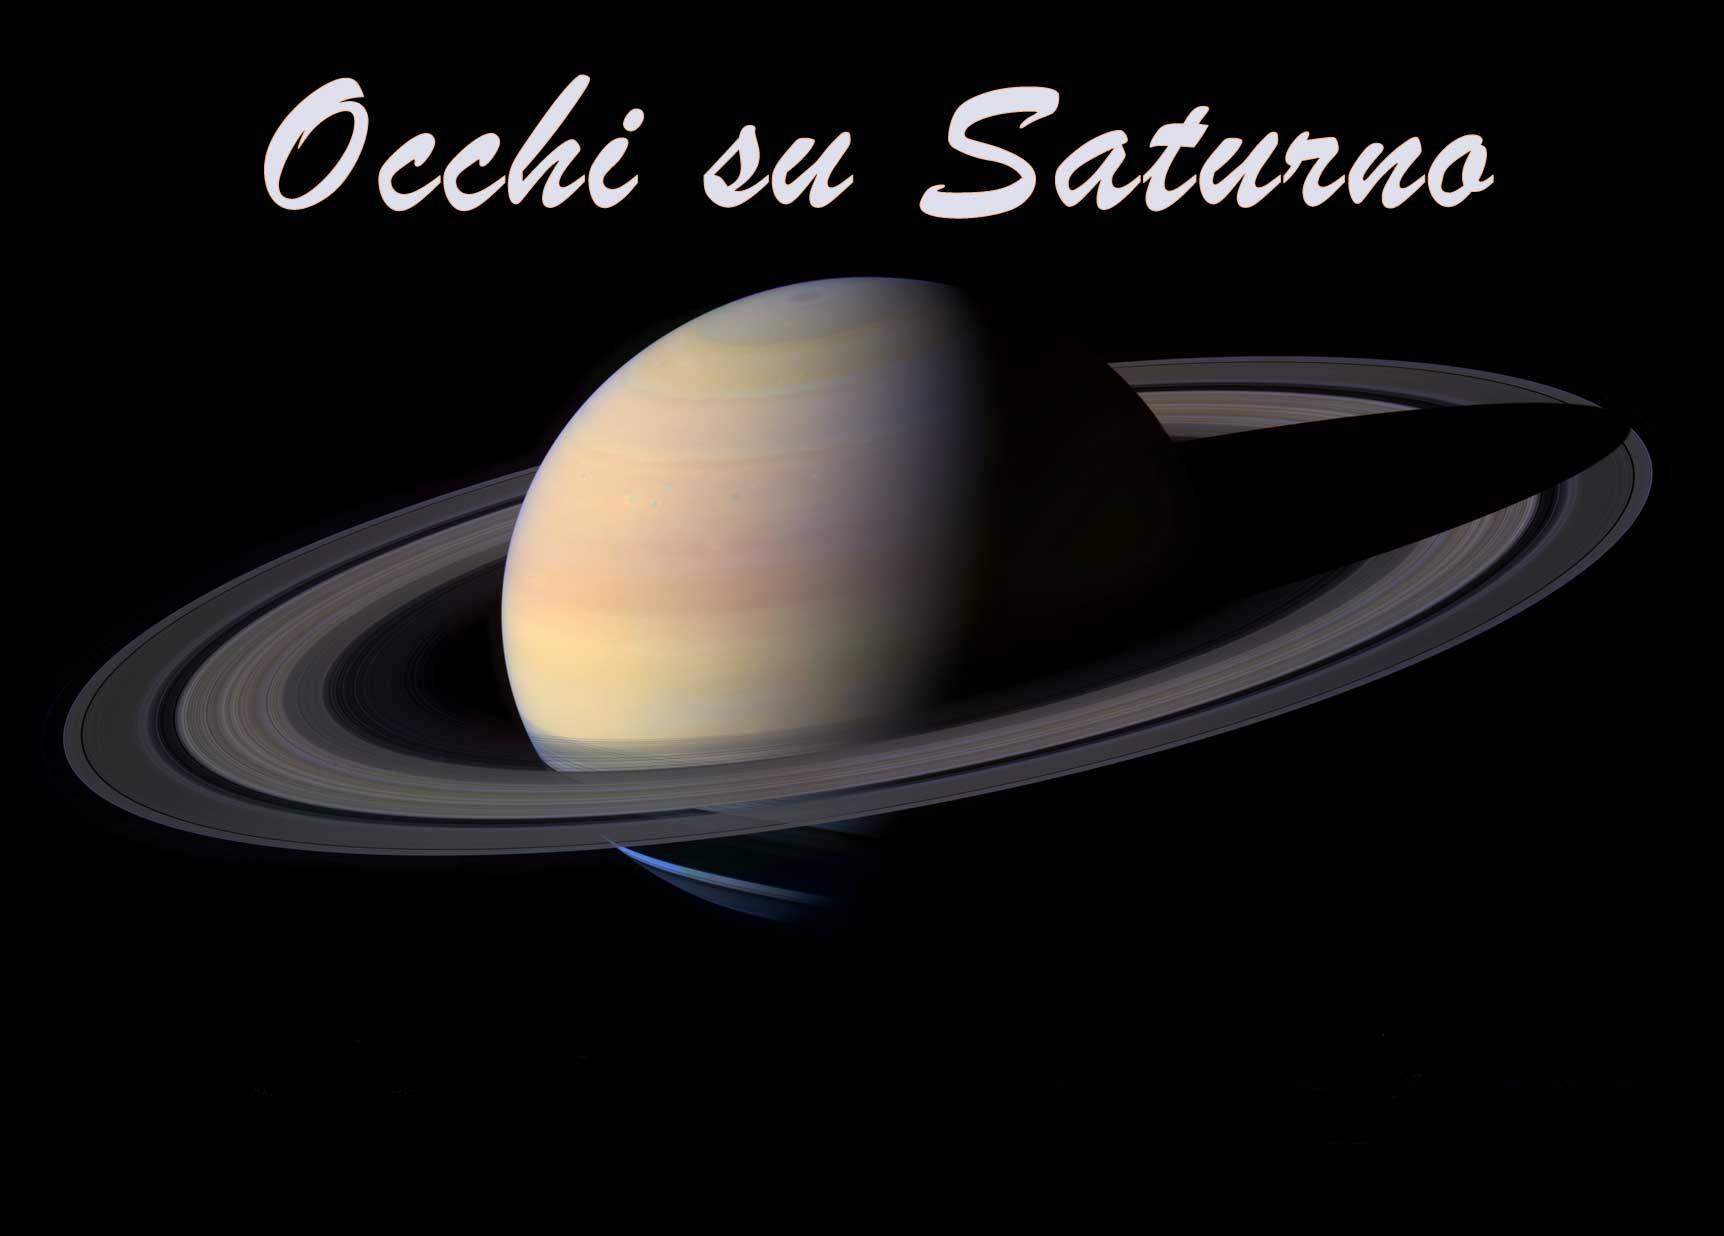 Occhi su Saturno!